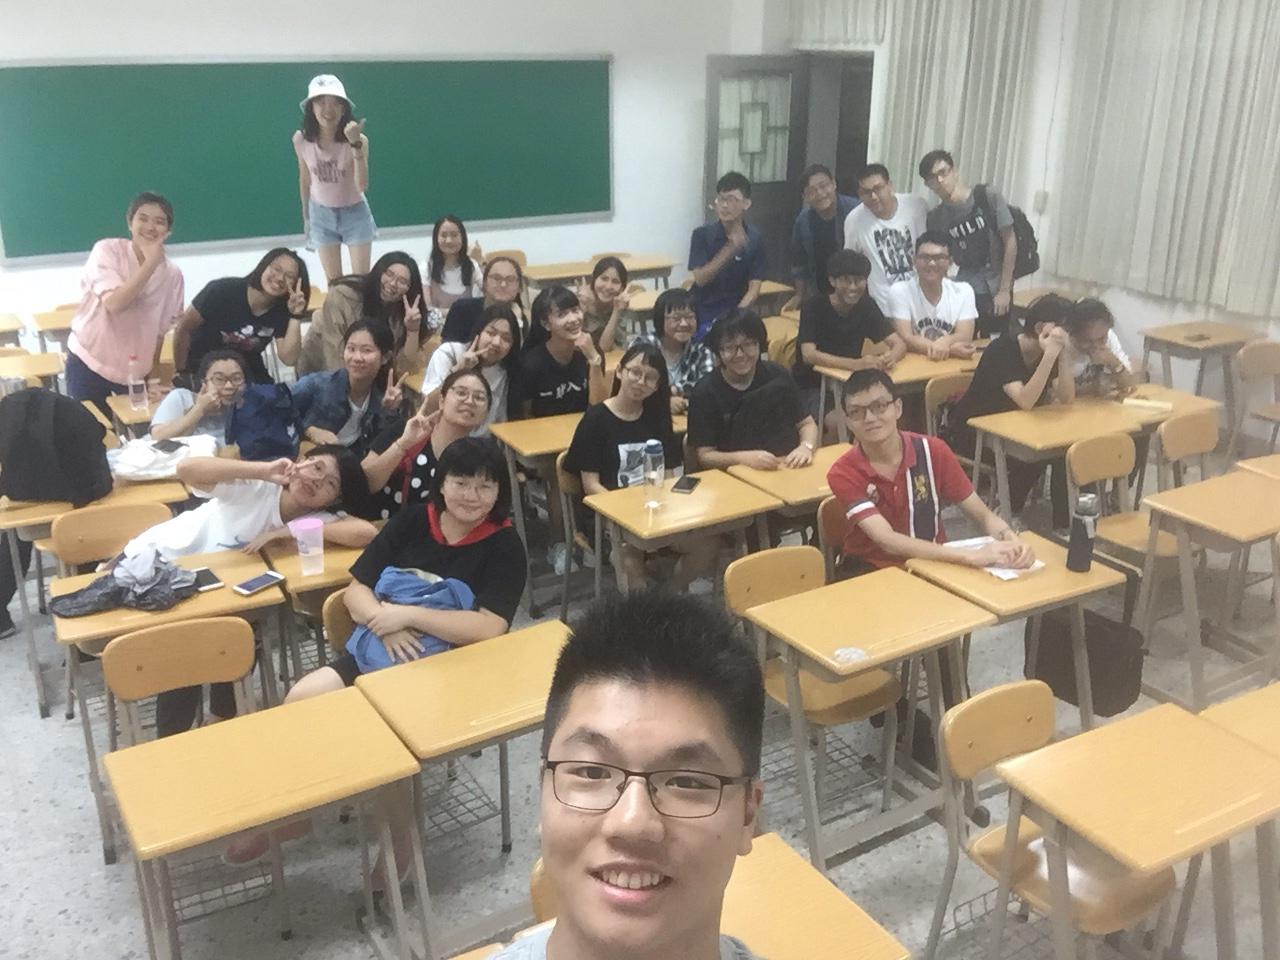 開學第一課(ㄎㄞ ㄒㄩㄝˊㄉㄧˋㄧ ㄎㄜˋ) – 我在金門求學的日子 Student Days at Quemoy